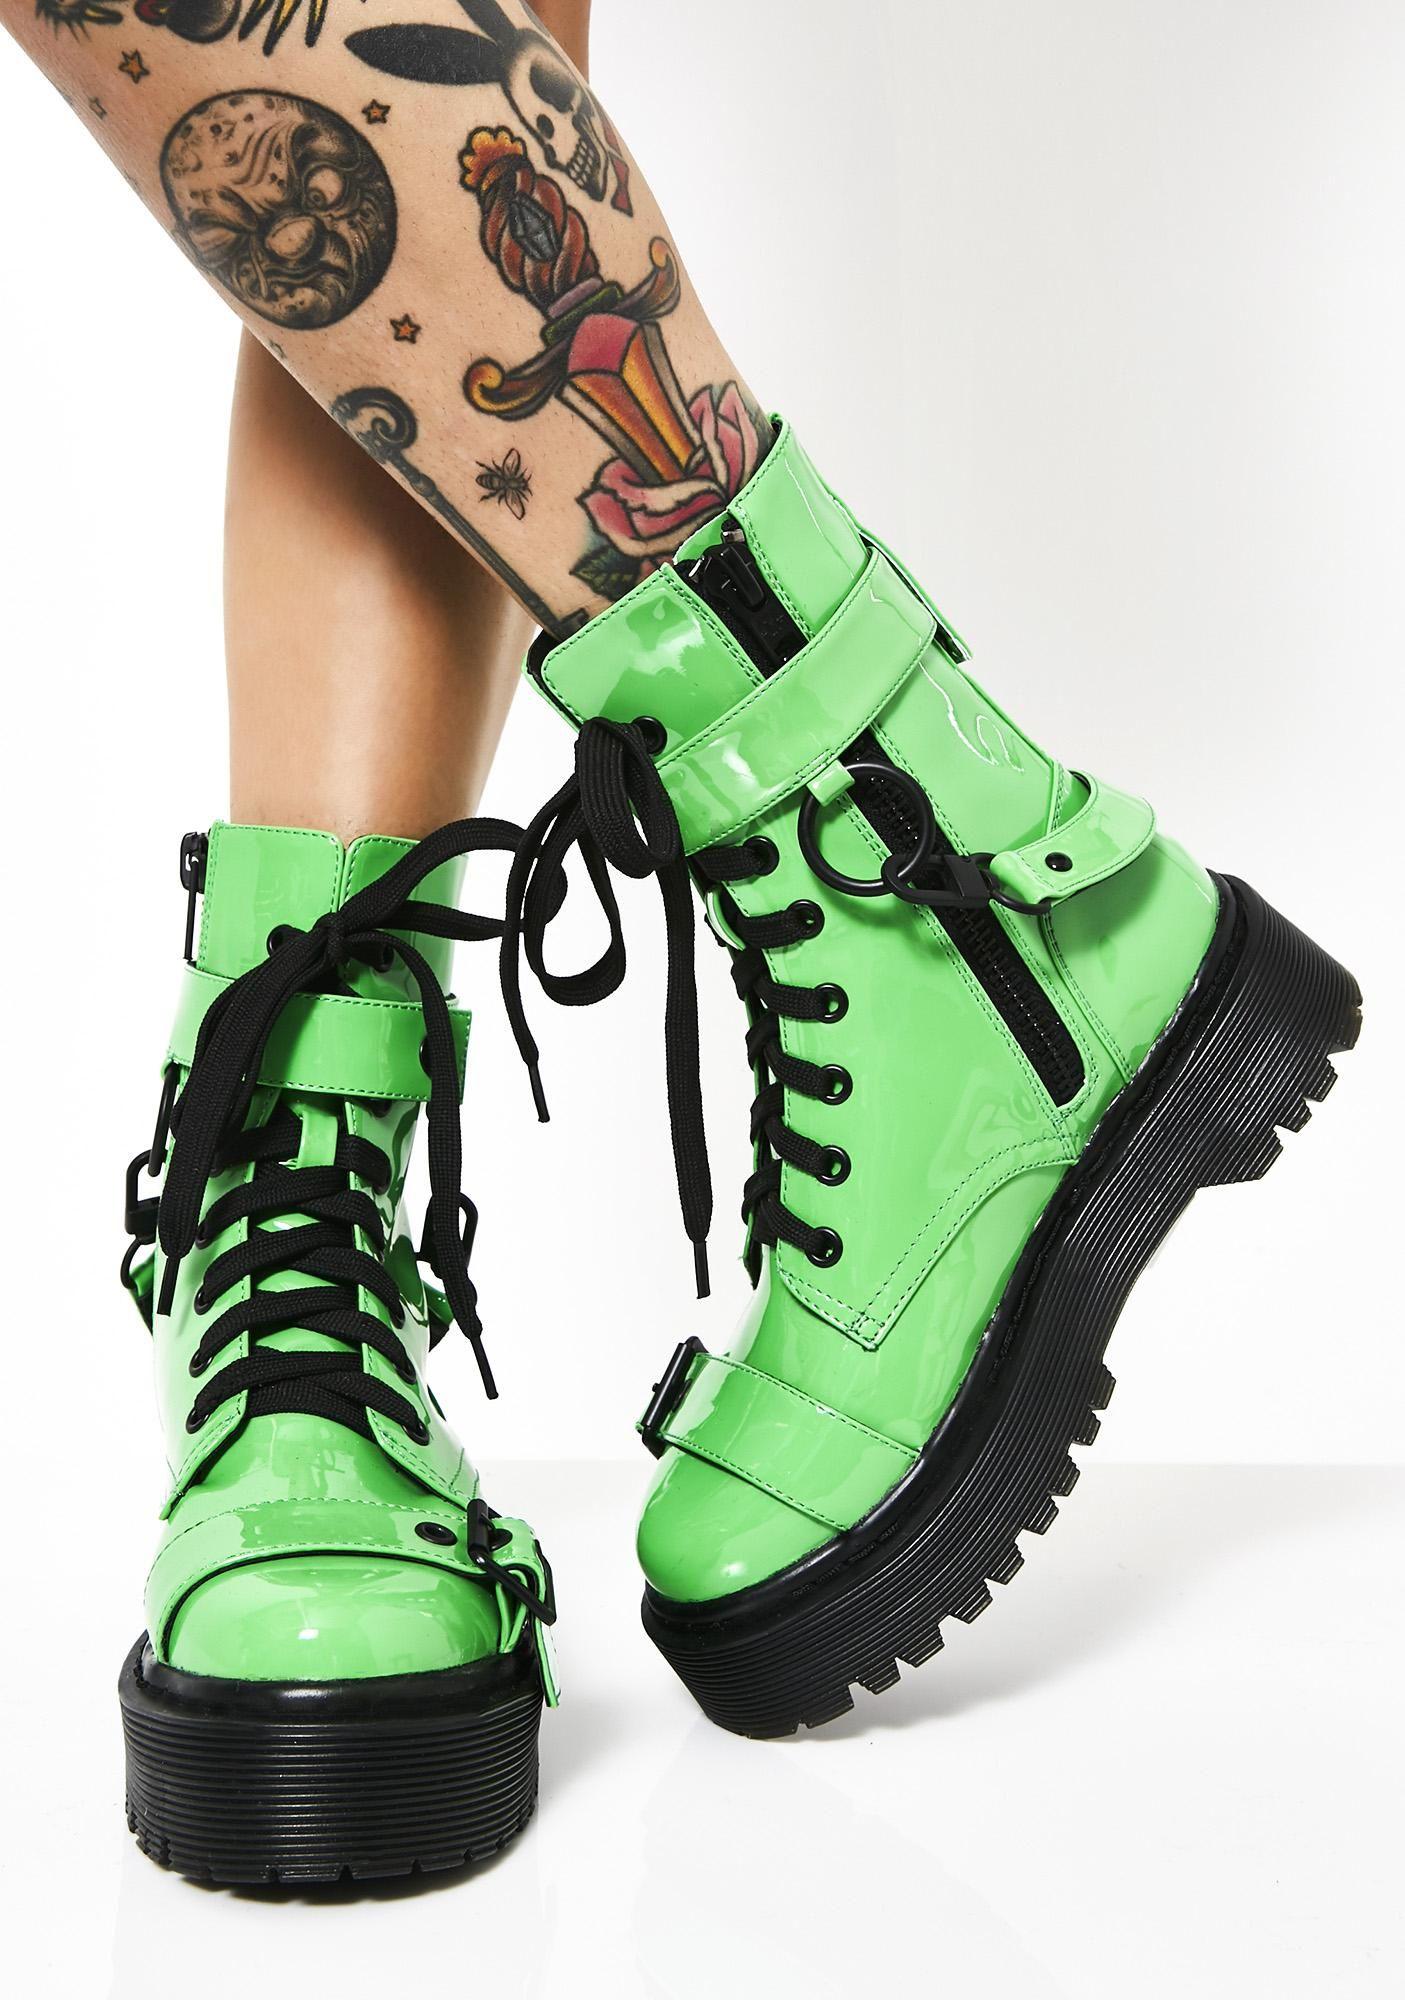 2a12cf77b5775c TOXIC SLIME COMBAT BOOTS  currentmood  dollskill  combatboots  slime  Chaussure, Chaussures À